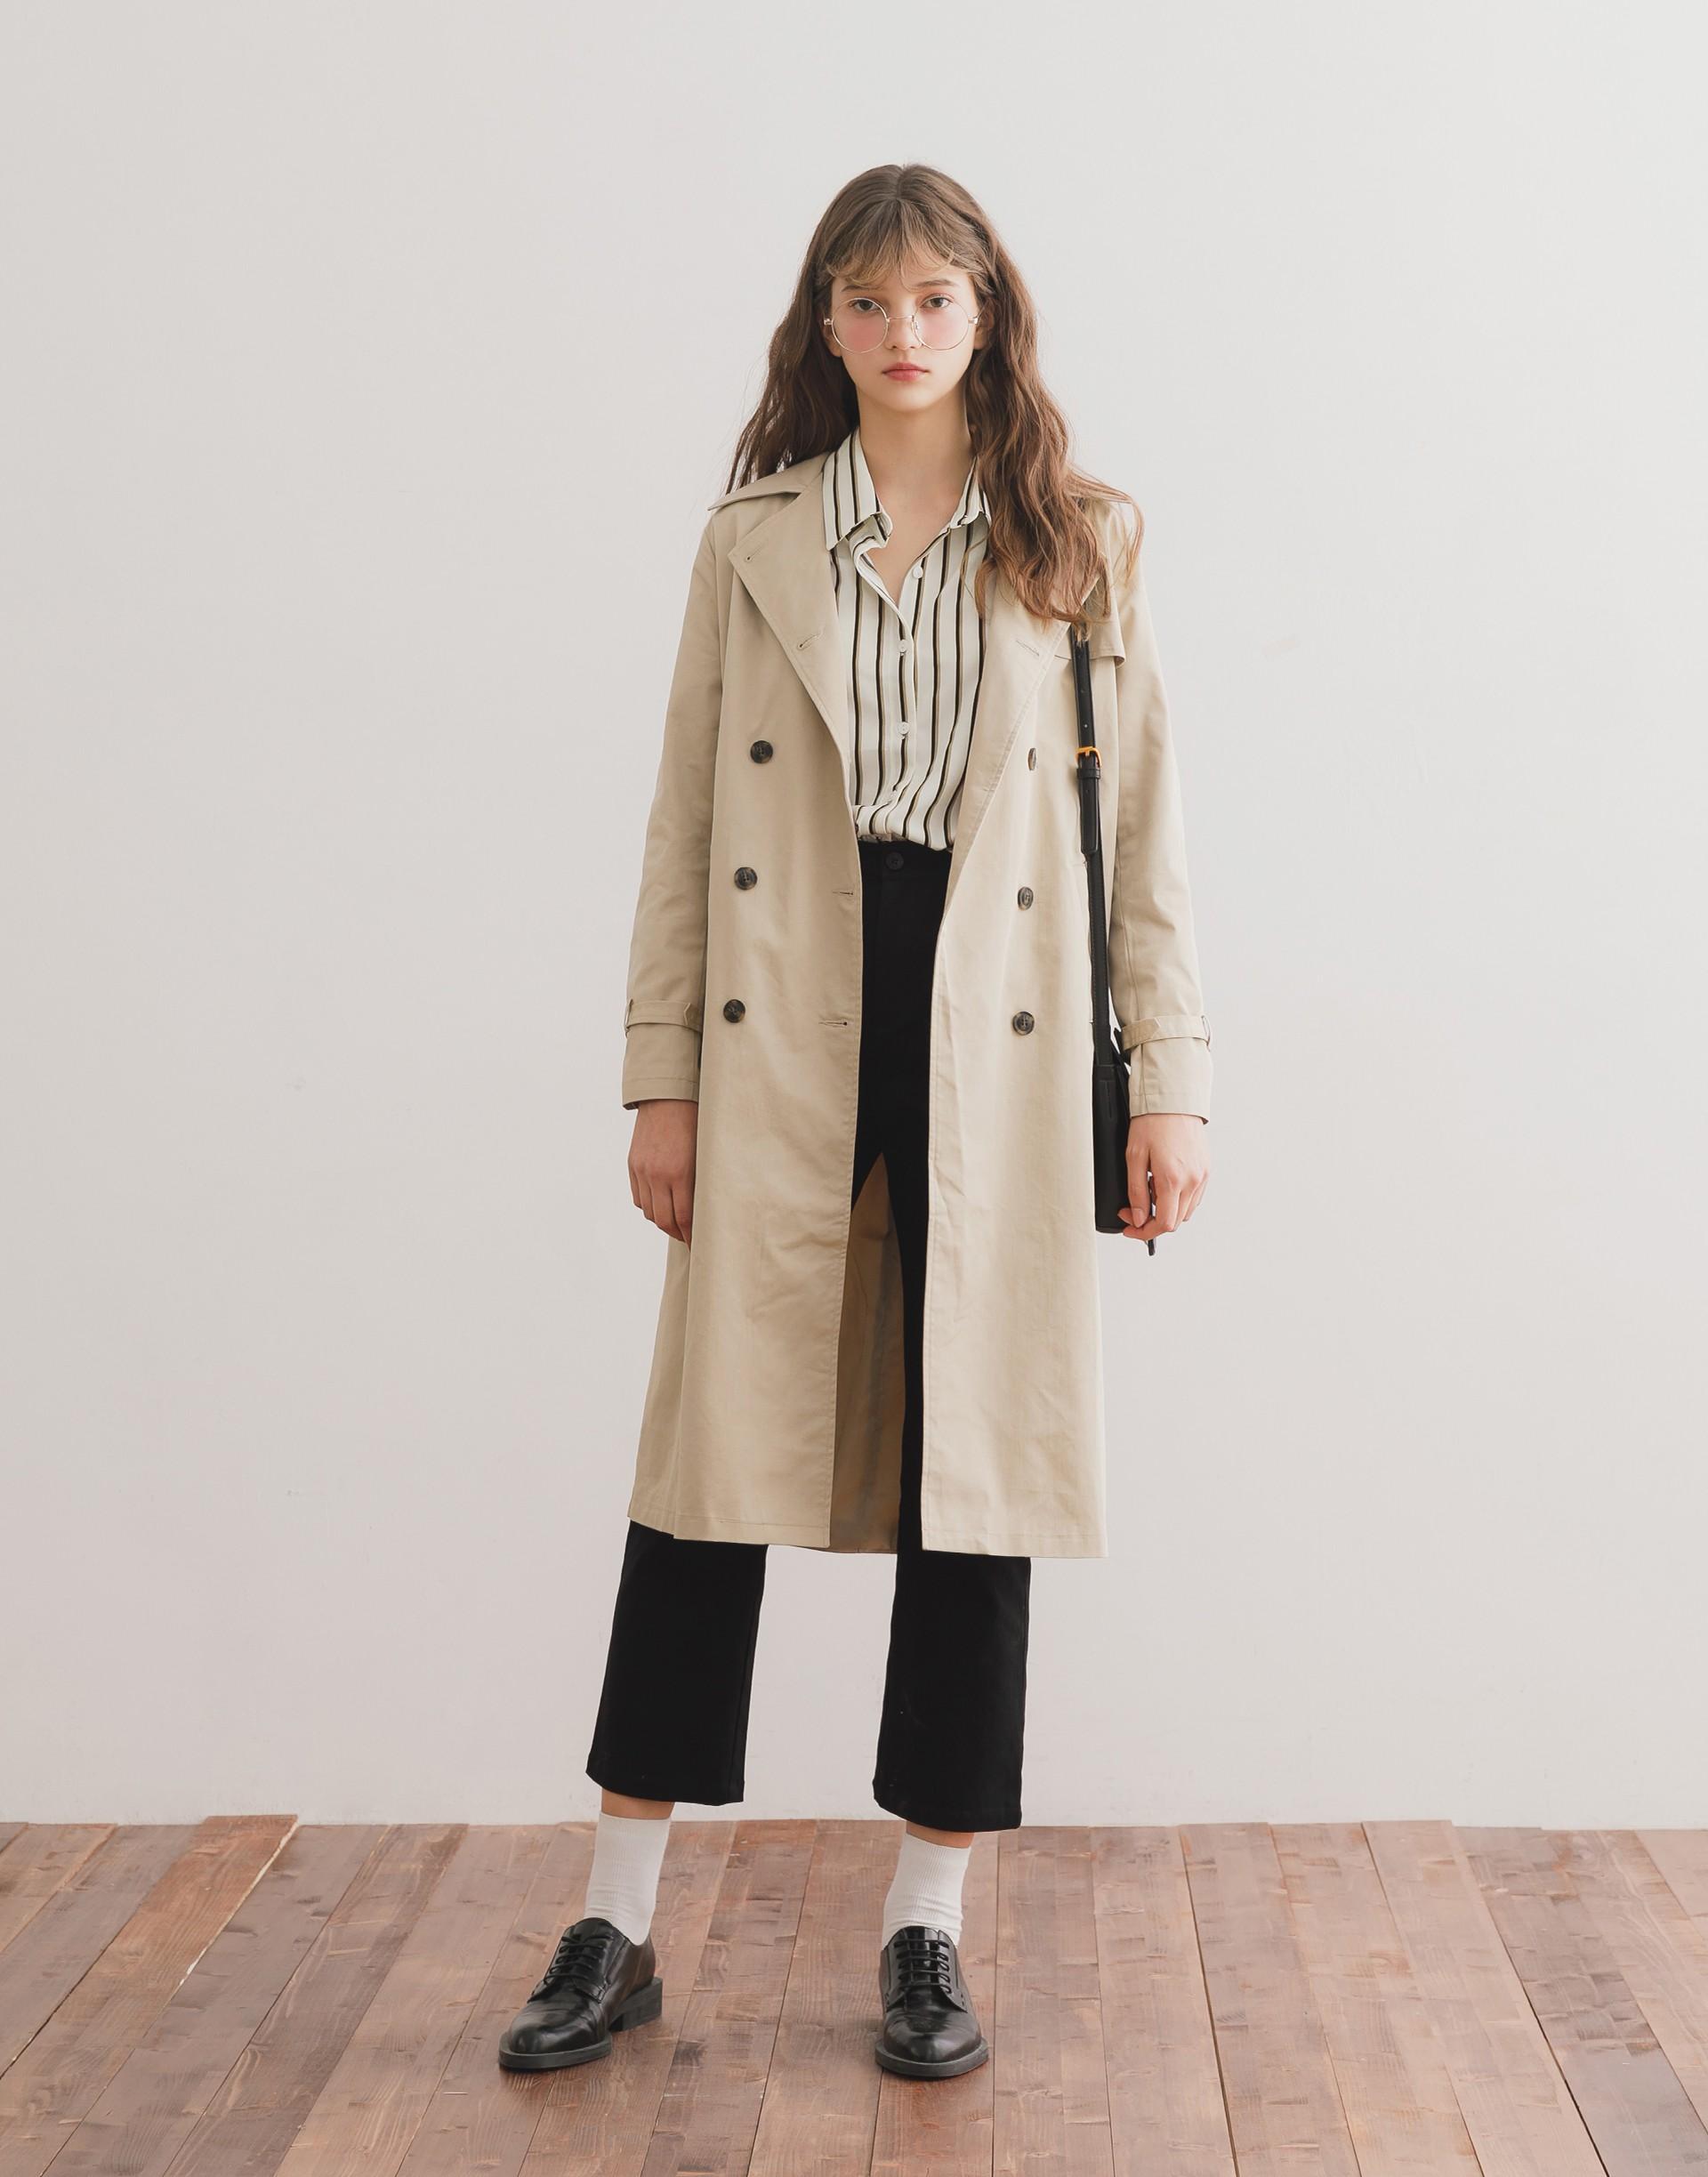 彈性:適中 適合秋天的百搭風衣外套、雙排釦設計、側邊有口袋、附綁帶、側邊有耳仔可以垂墜在後或綁在腰上